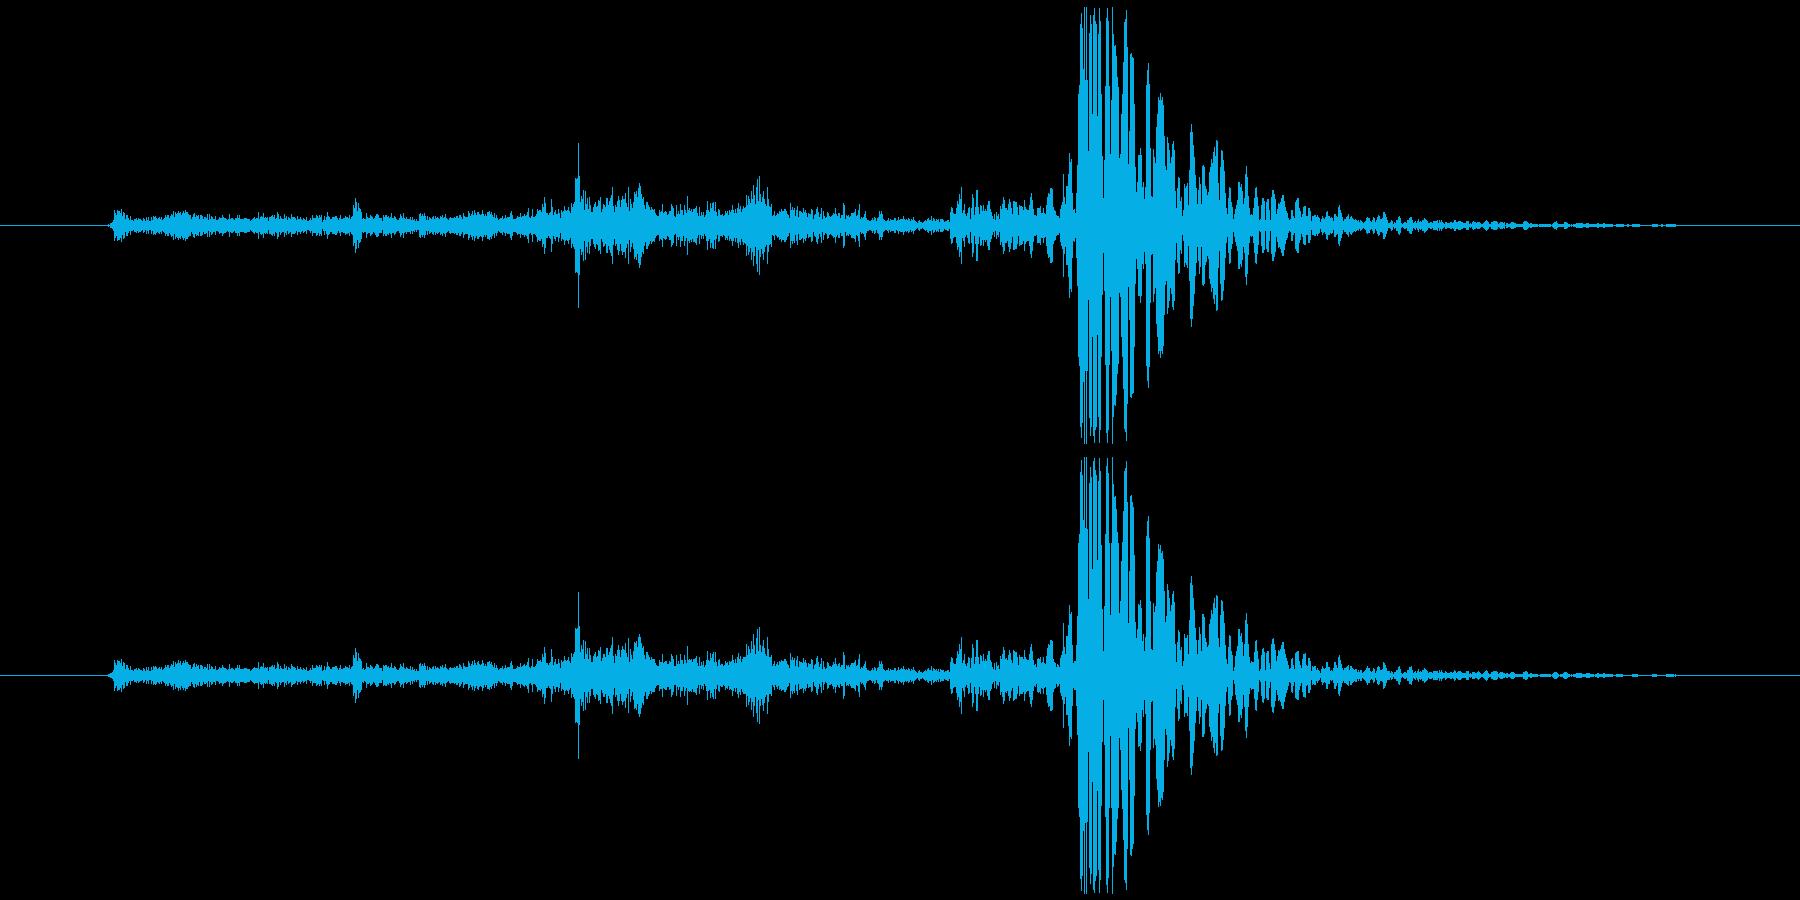 【日常音】傘を開く音の再生済みの波形